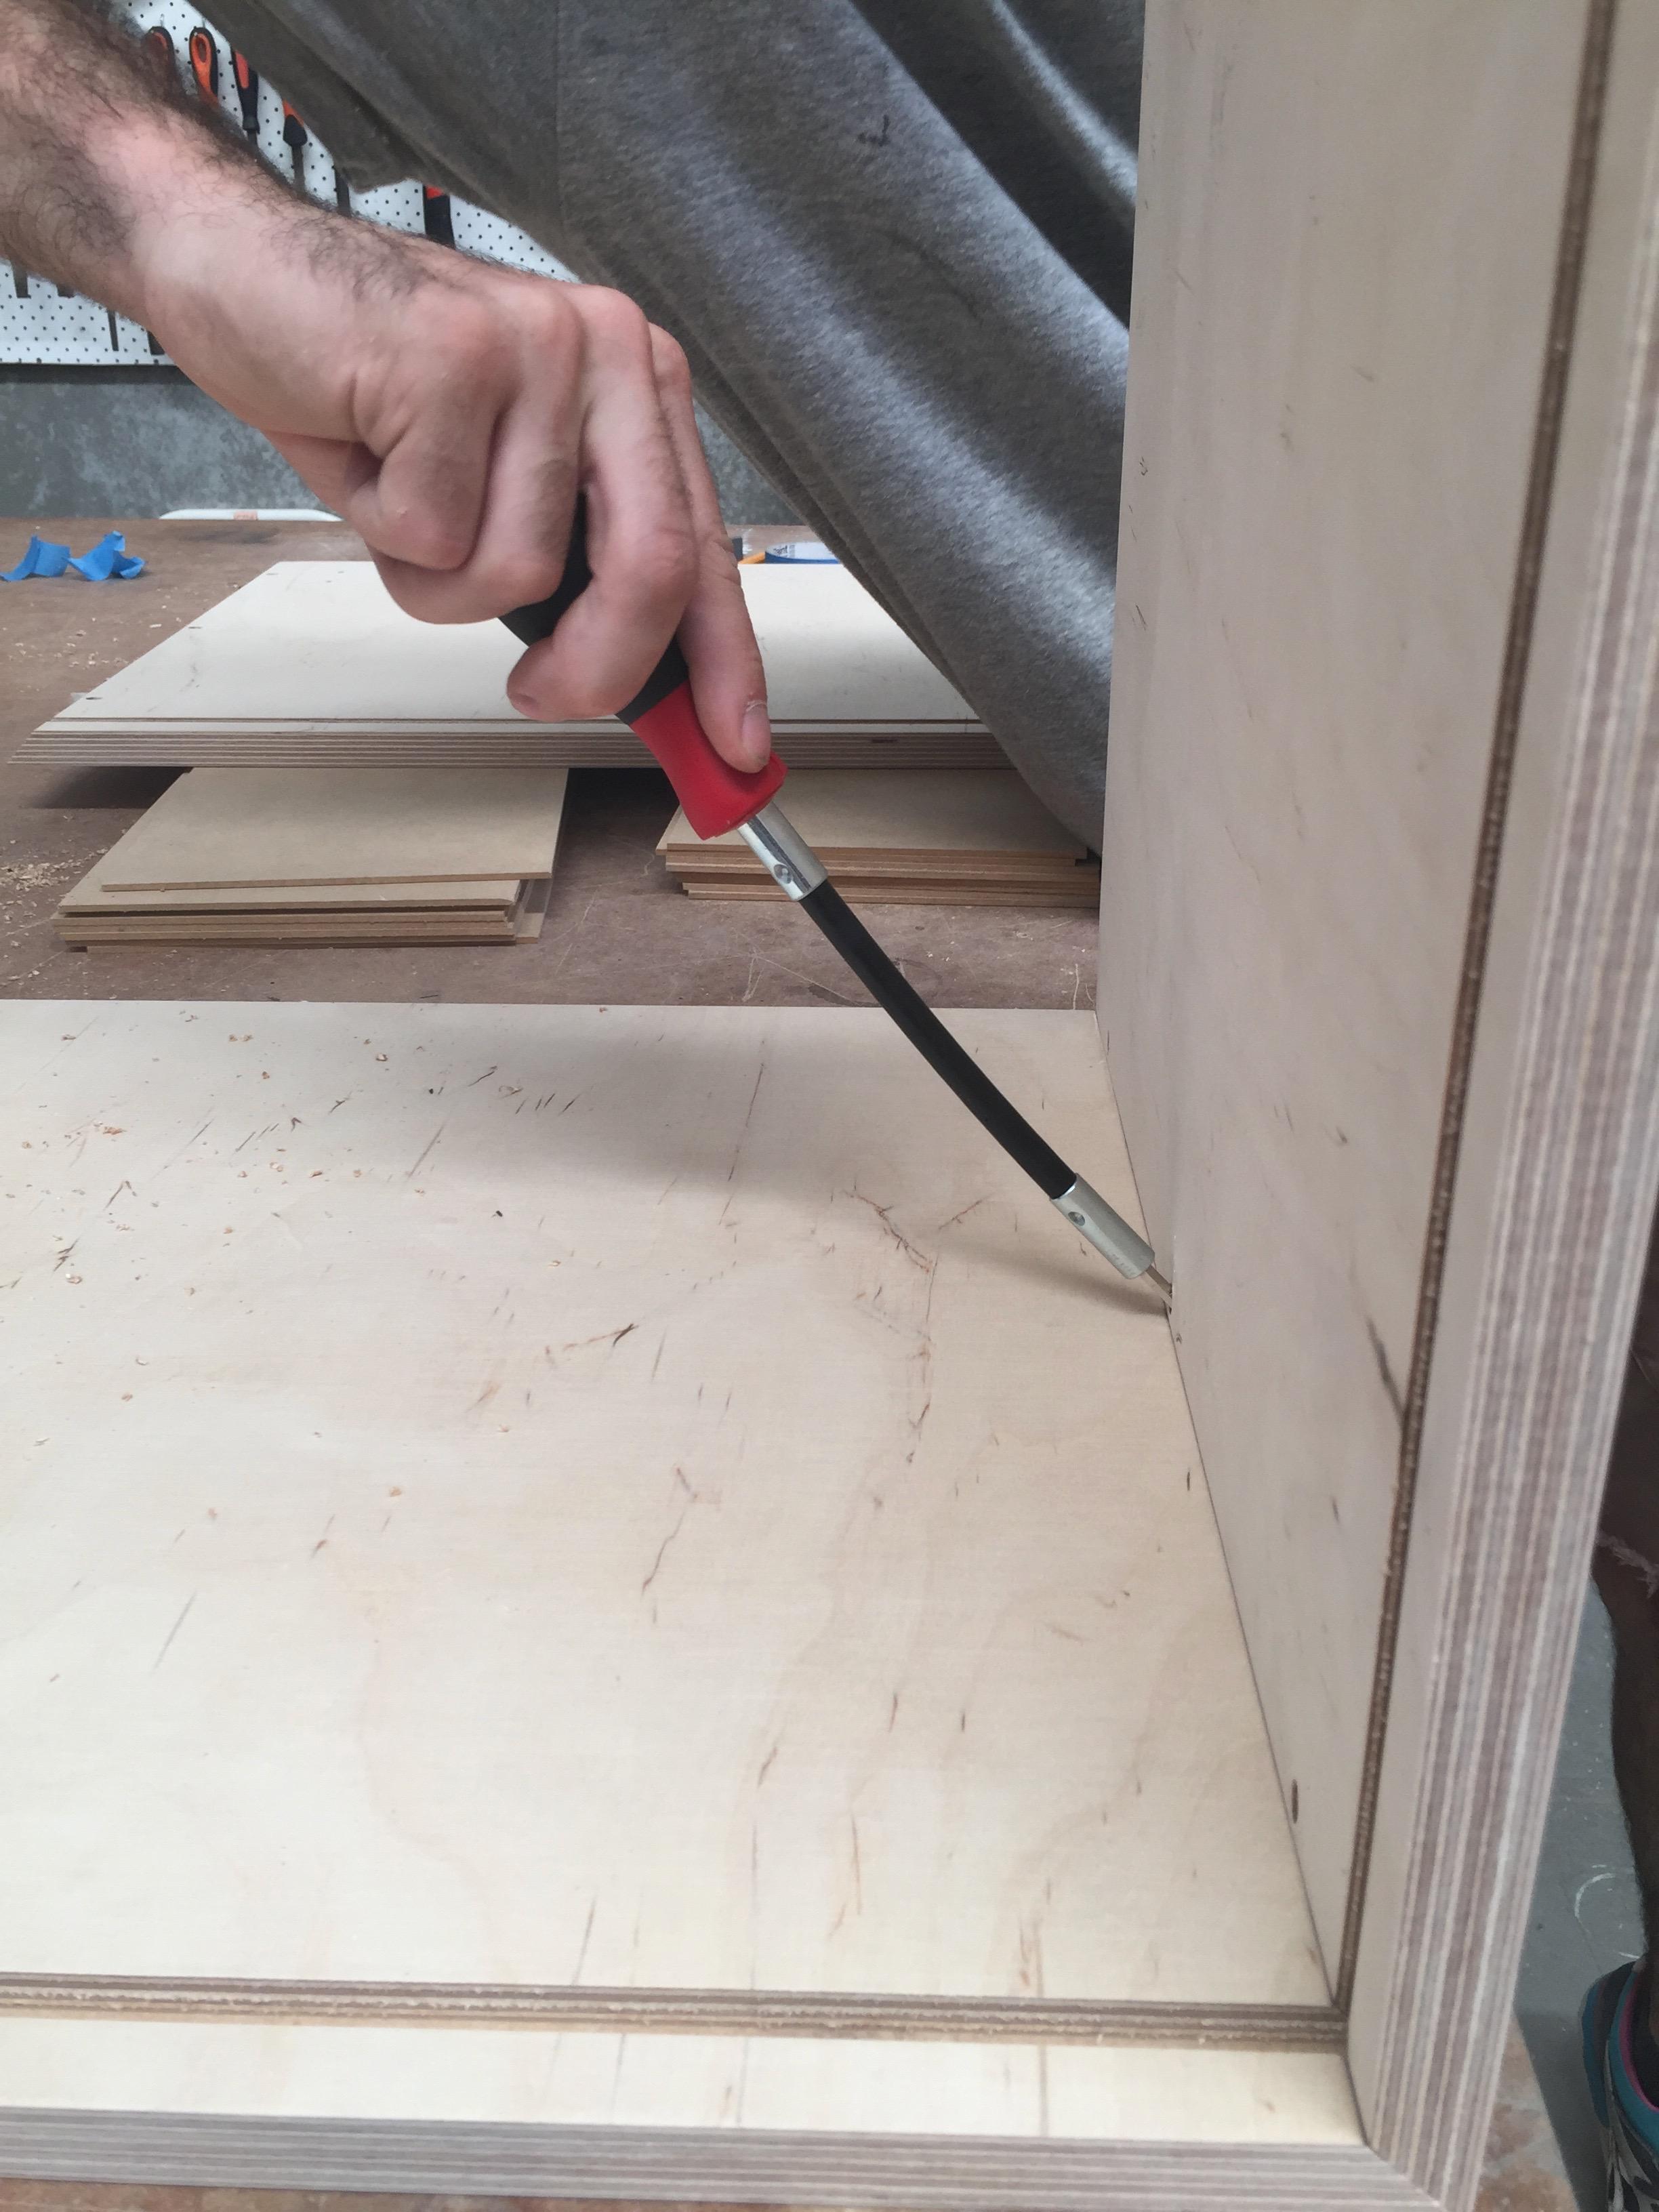 SoWatt-WIP-Loft-Plywood-Furniture-CNC-Lamello-33.jpg